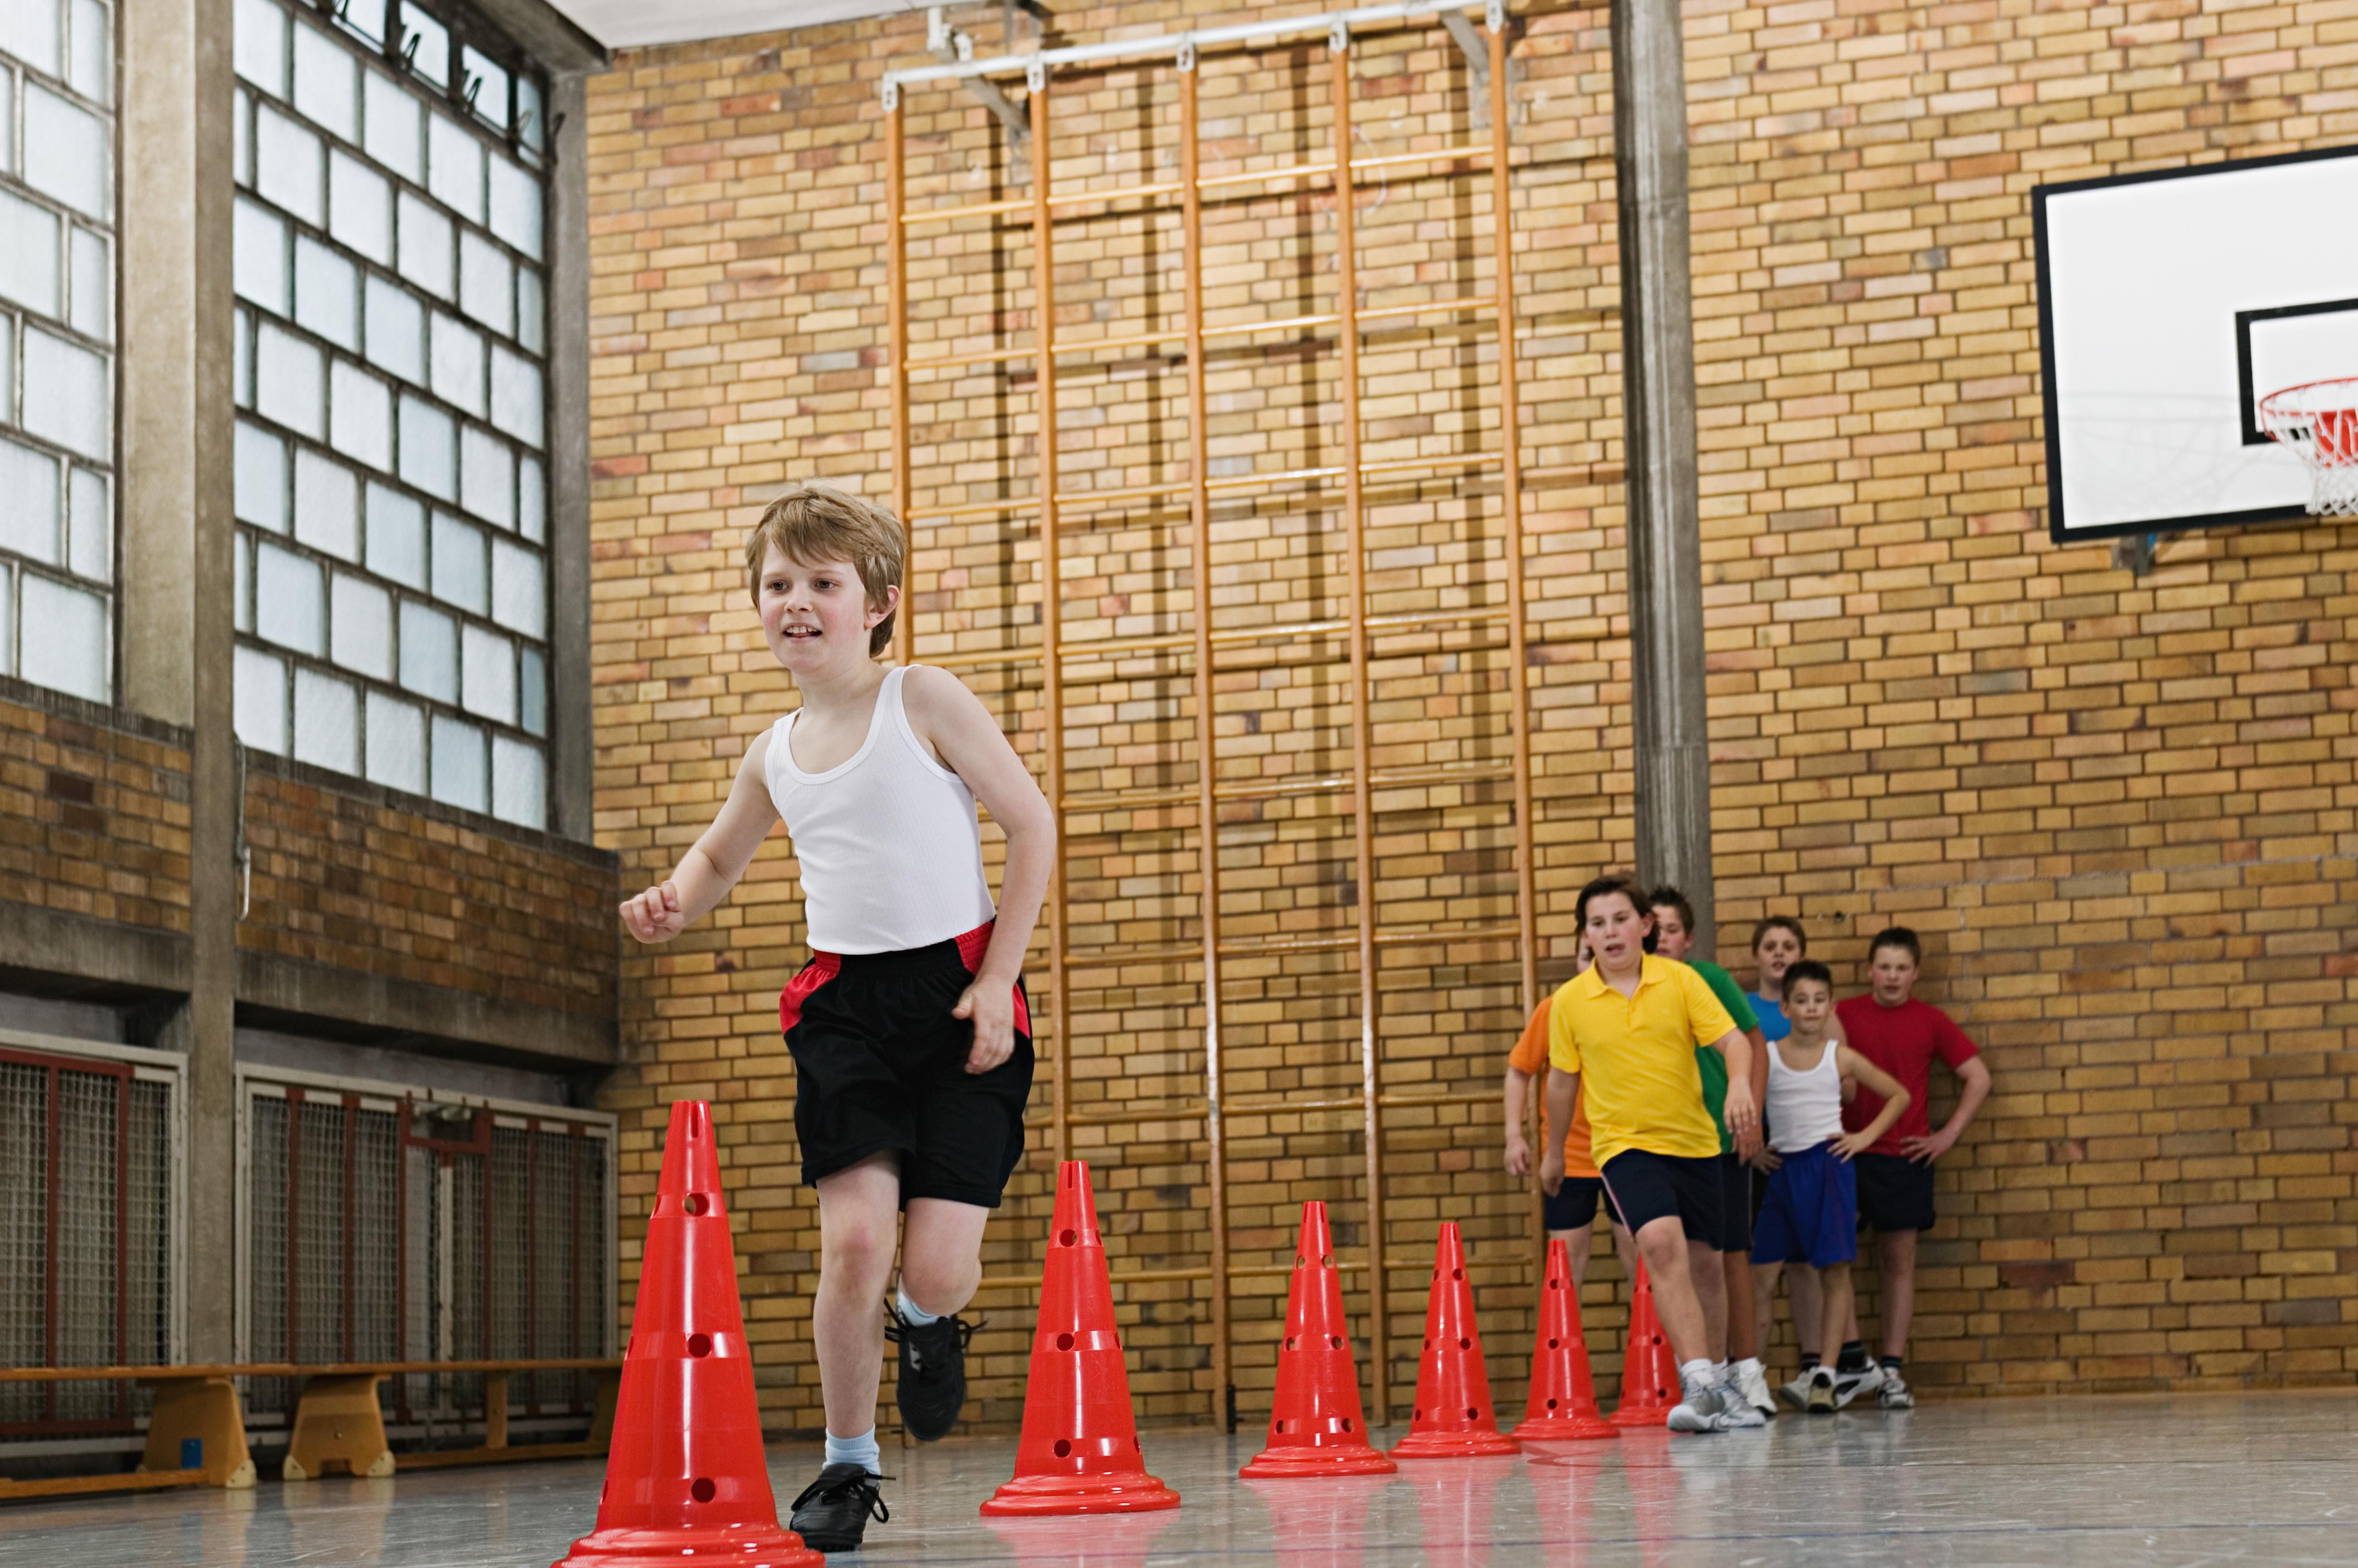 Boy running a slalom race